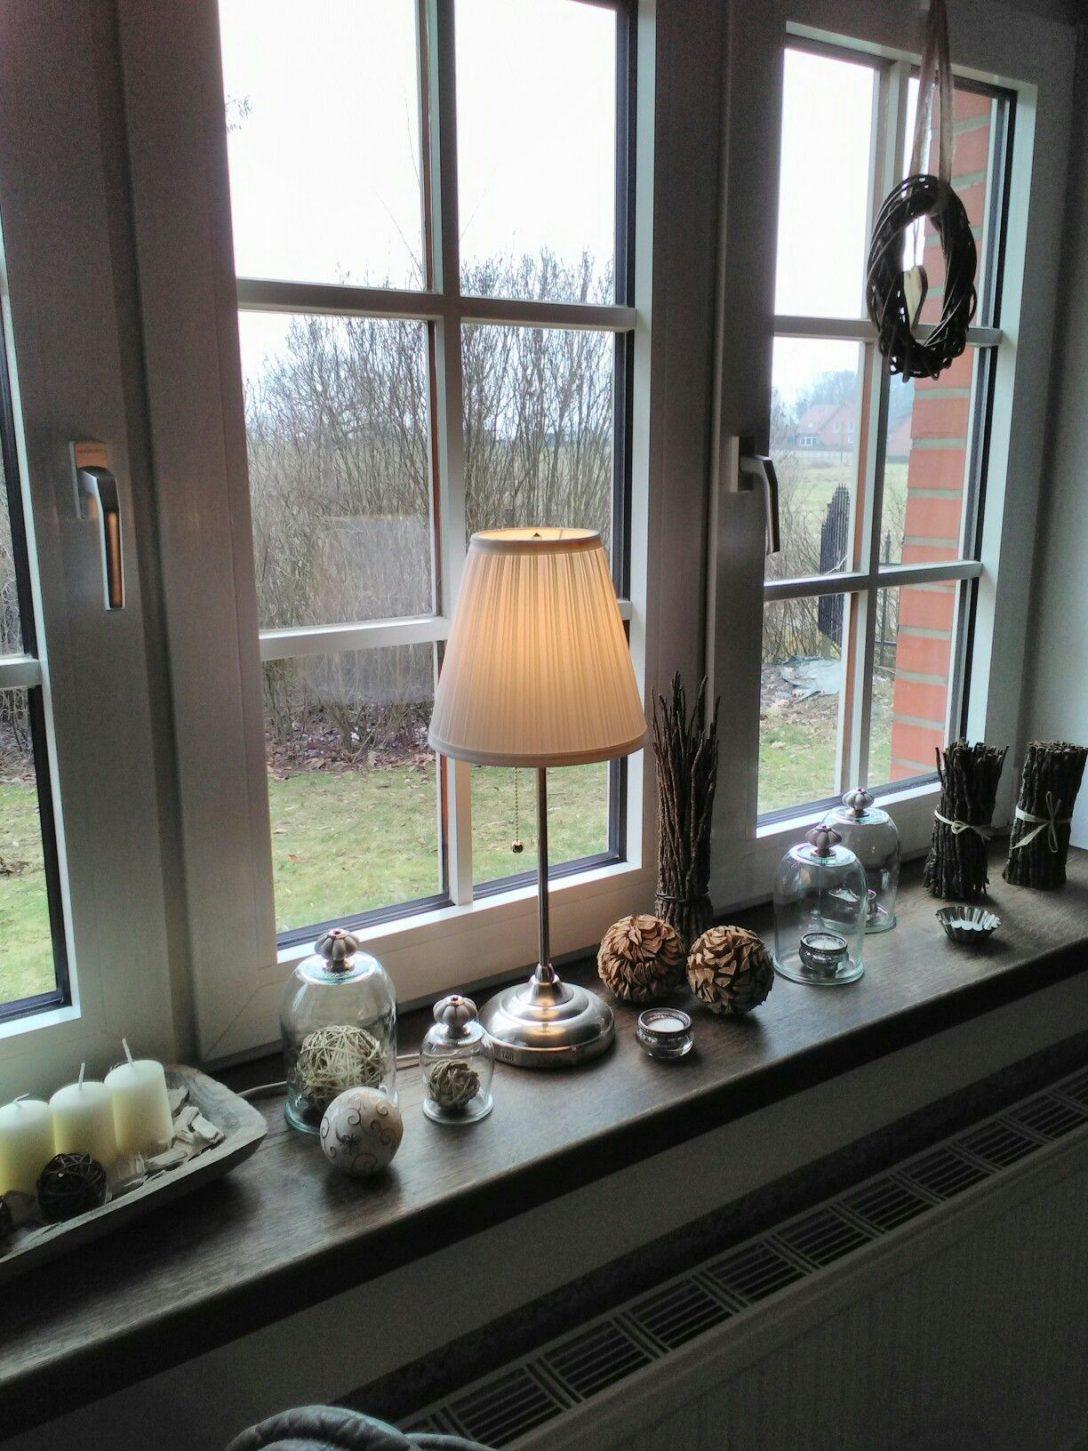 Large Size of Fensterbank Fenster Dekorieren Wohnzimmer Fensterbank Dekorieren